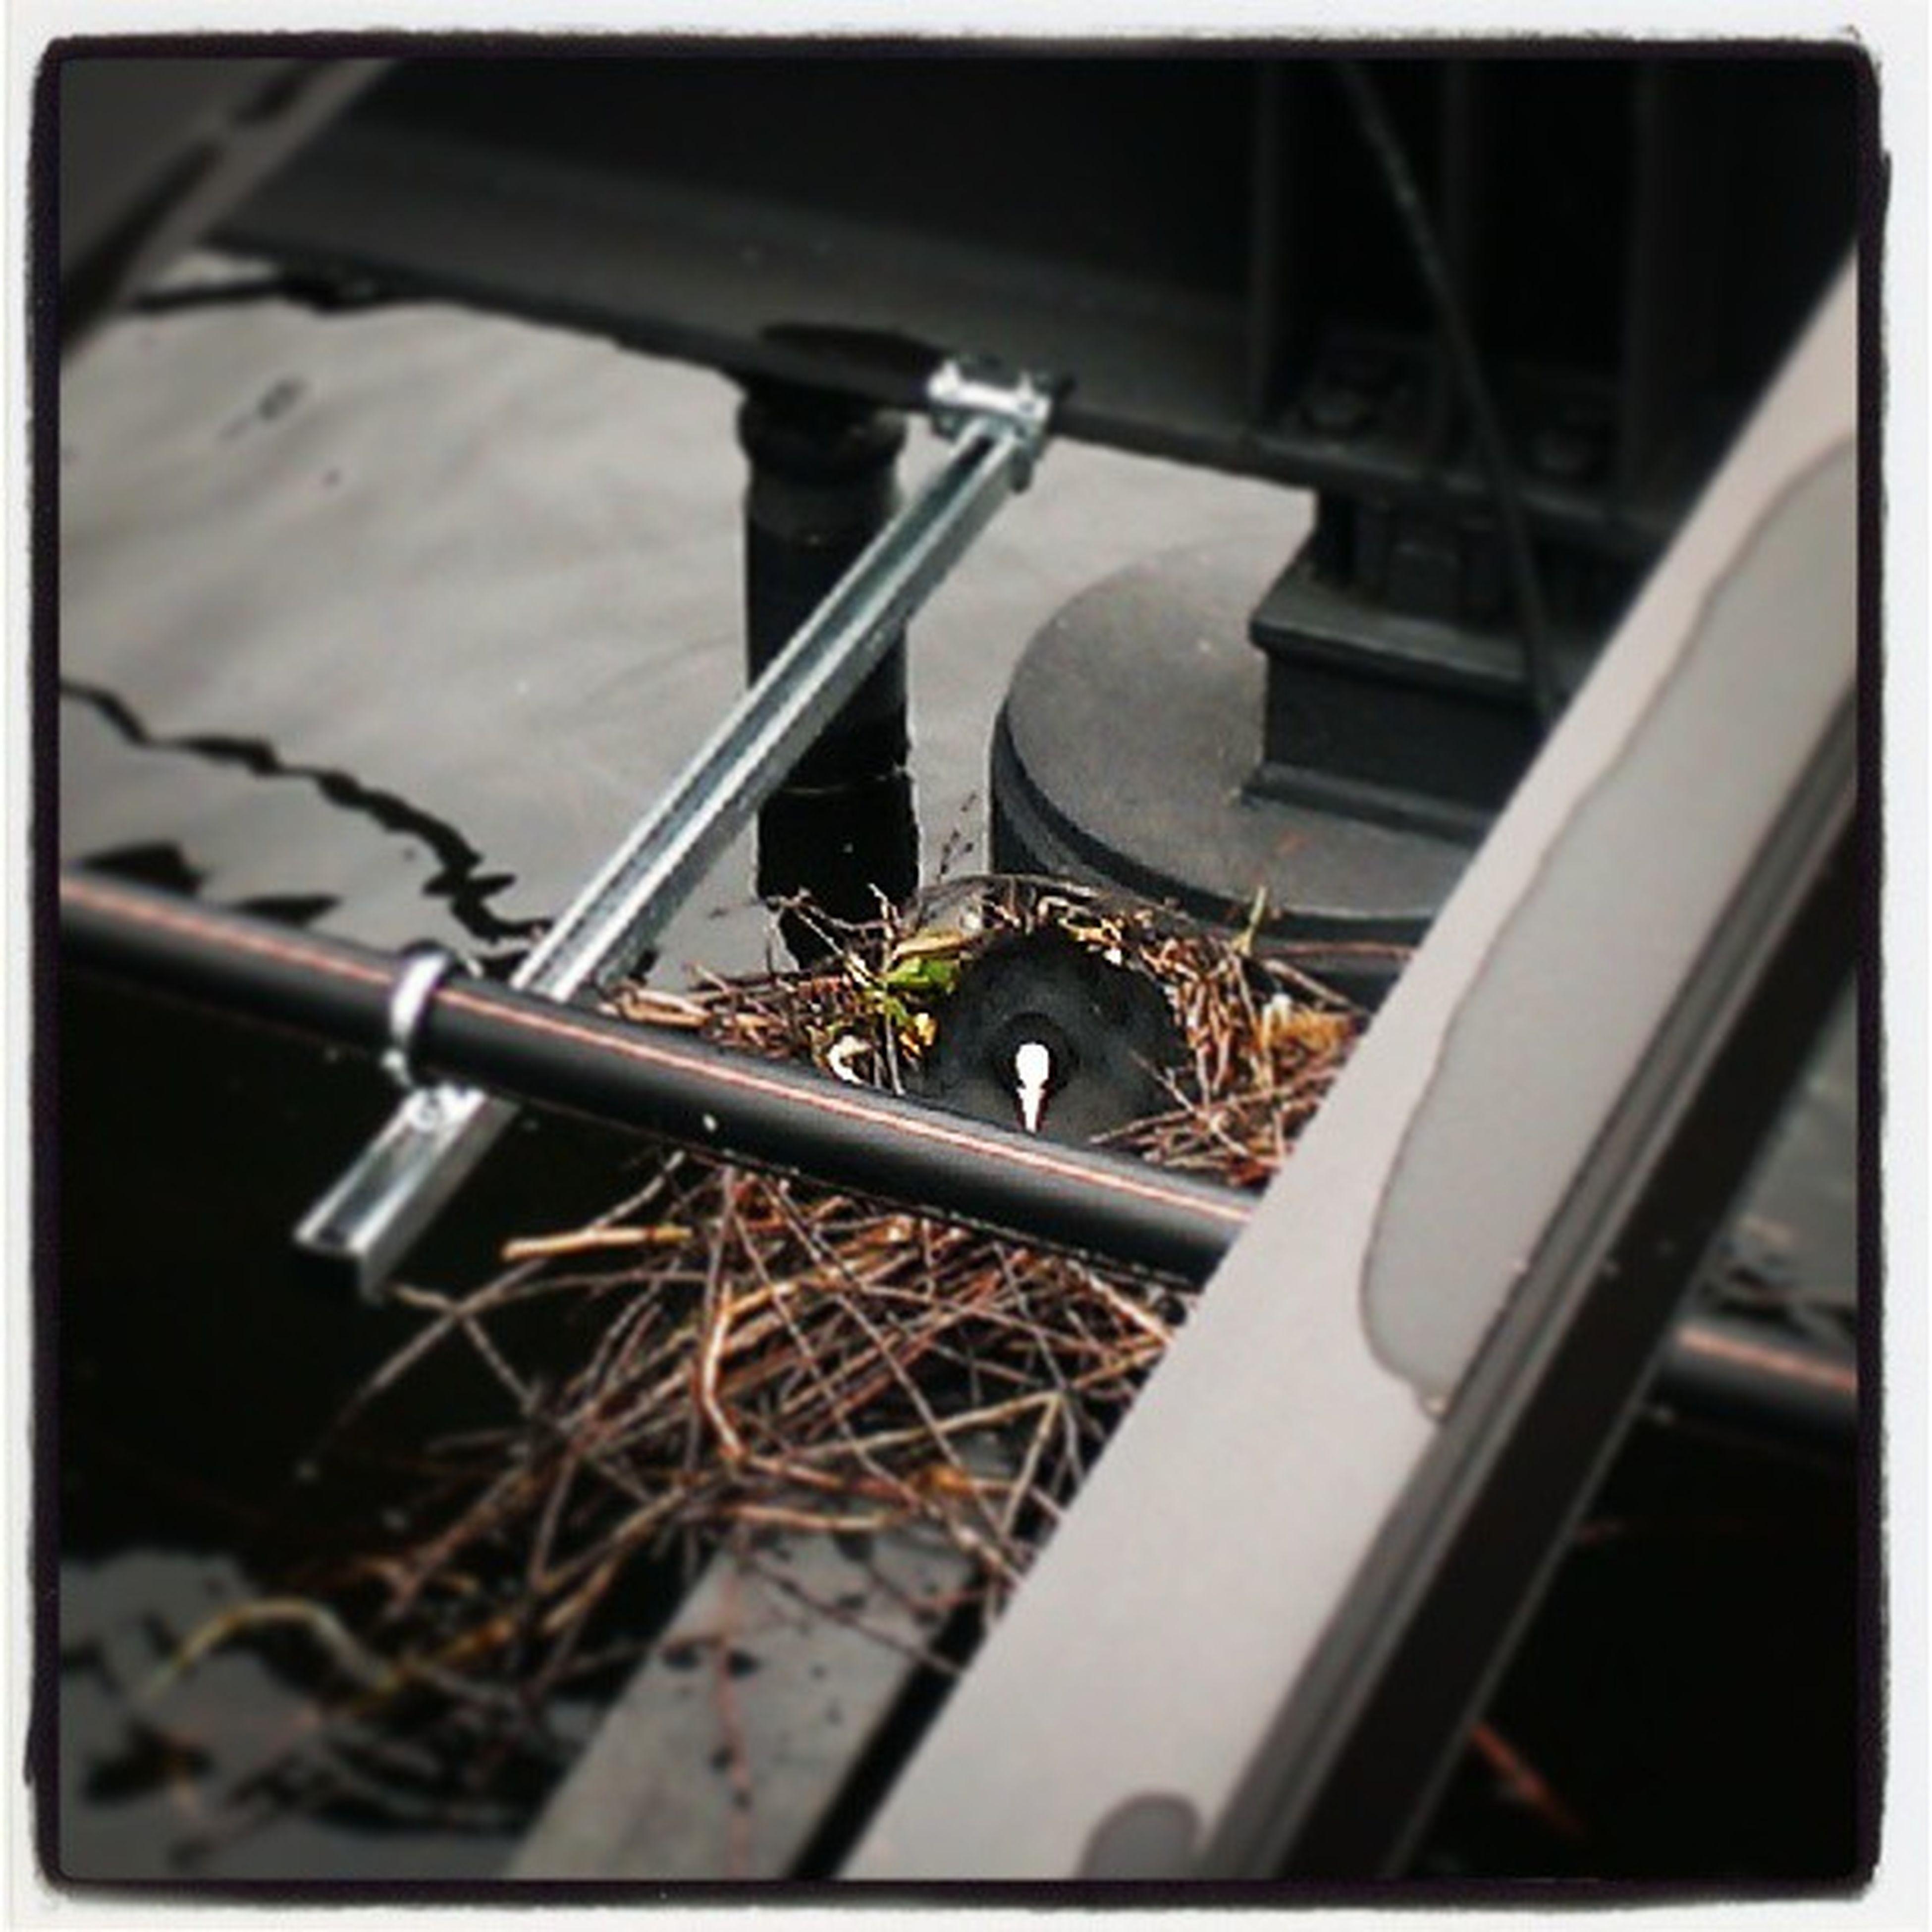 Natur erobert Technik. Die Insel darf dank grünem Bürgermeister niemand betreten. Das kümmert das Blesshuhn nicht. Eine Insel wird zur Kinderstube. Und irgendwann dürfen auch die Berliner drauf. Badeninderspree Spree2011 Berlin Xhain dieterundsirosenkranzinsel Vögel Nest trauminsel sauberespree